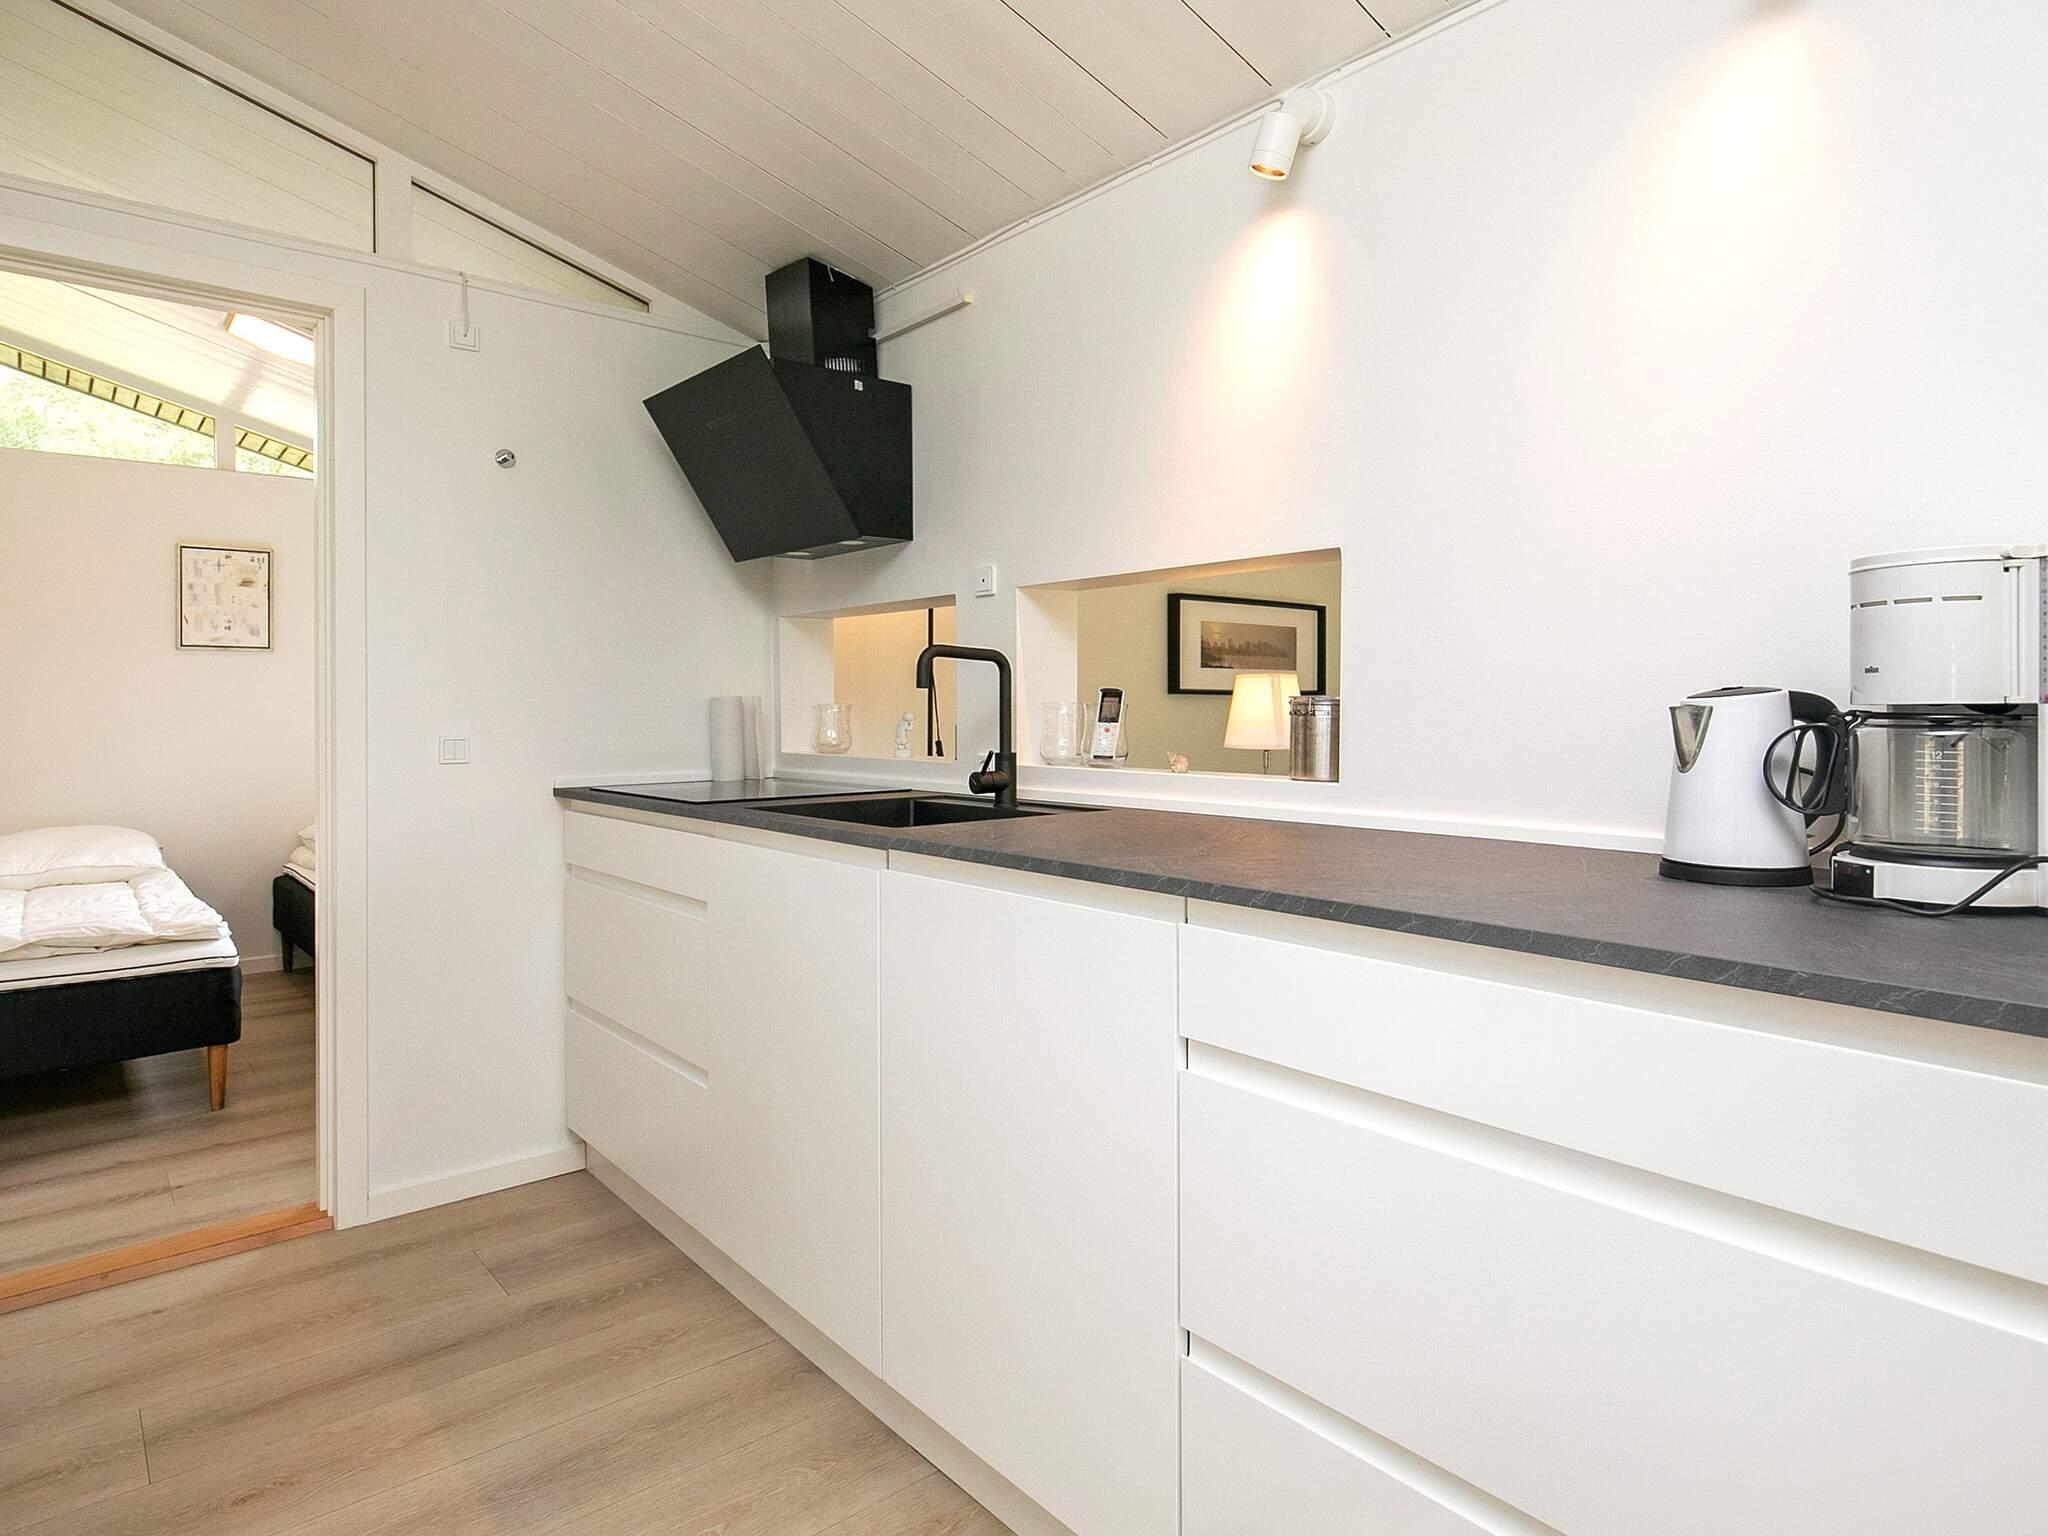 Ferienhaus Hou (2567401), Hou, , Nordostjütland, Dänemark, Bild 5